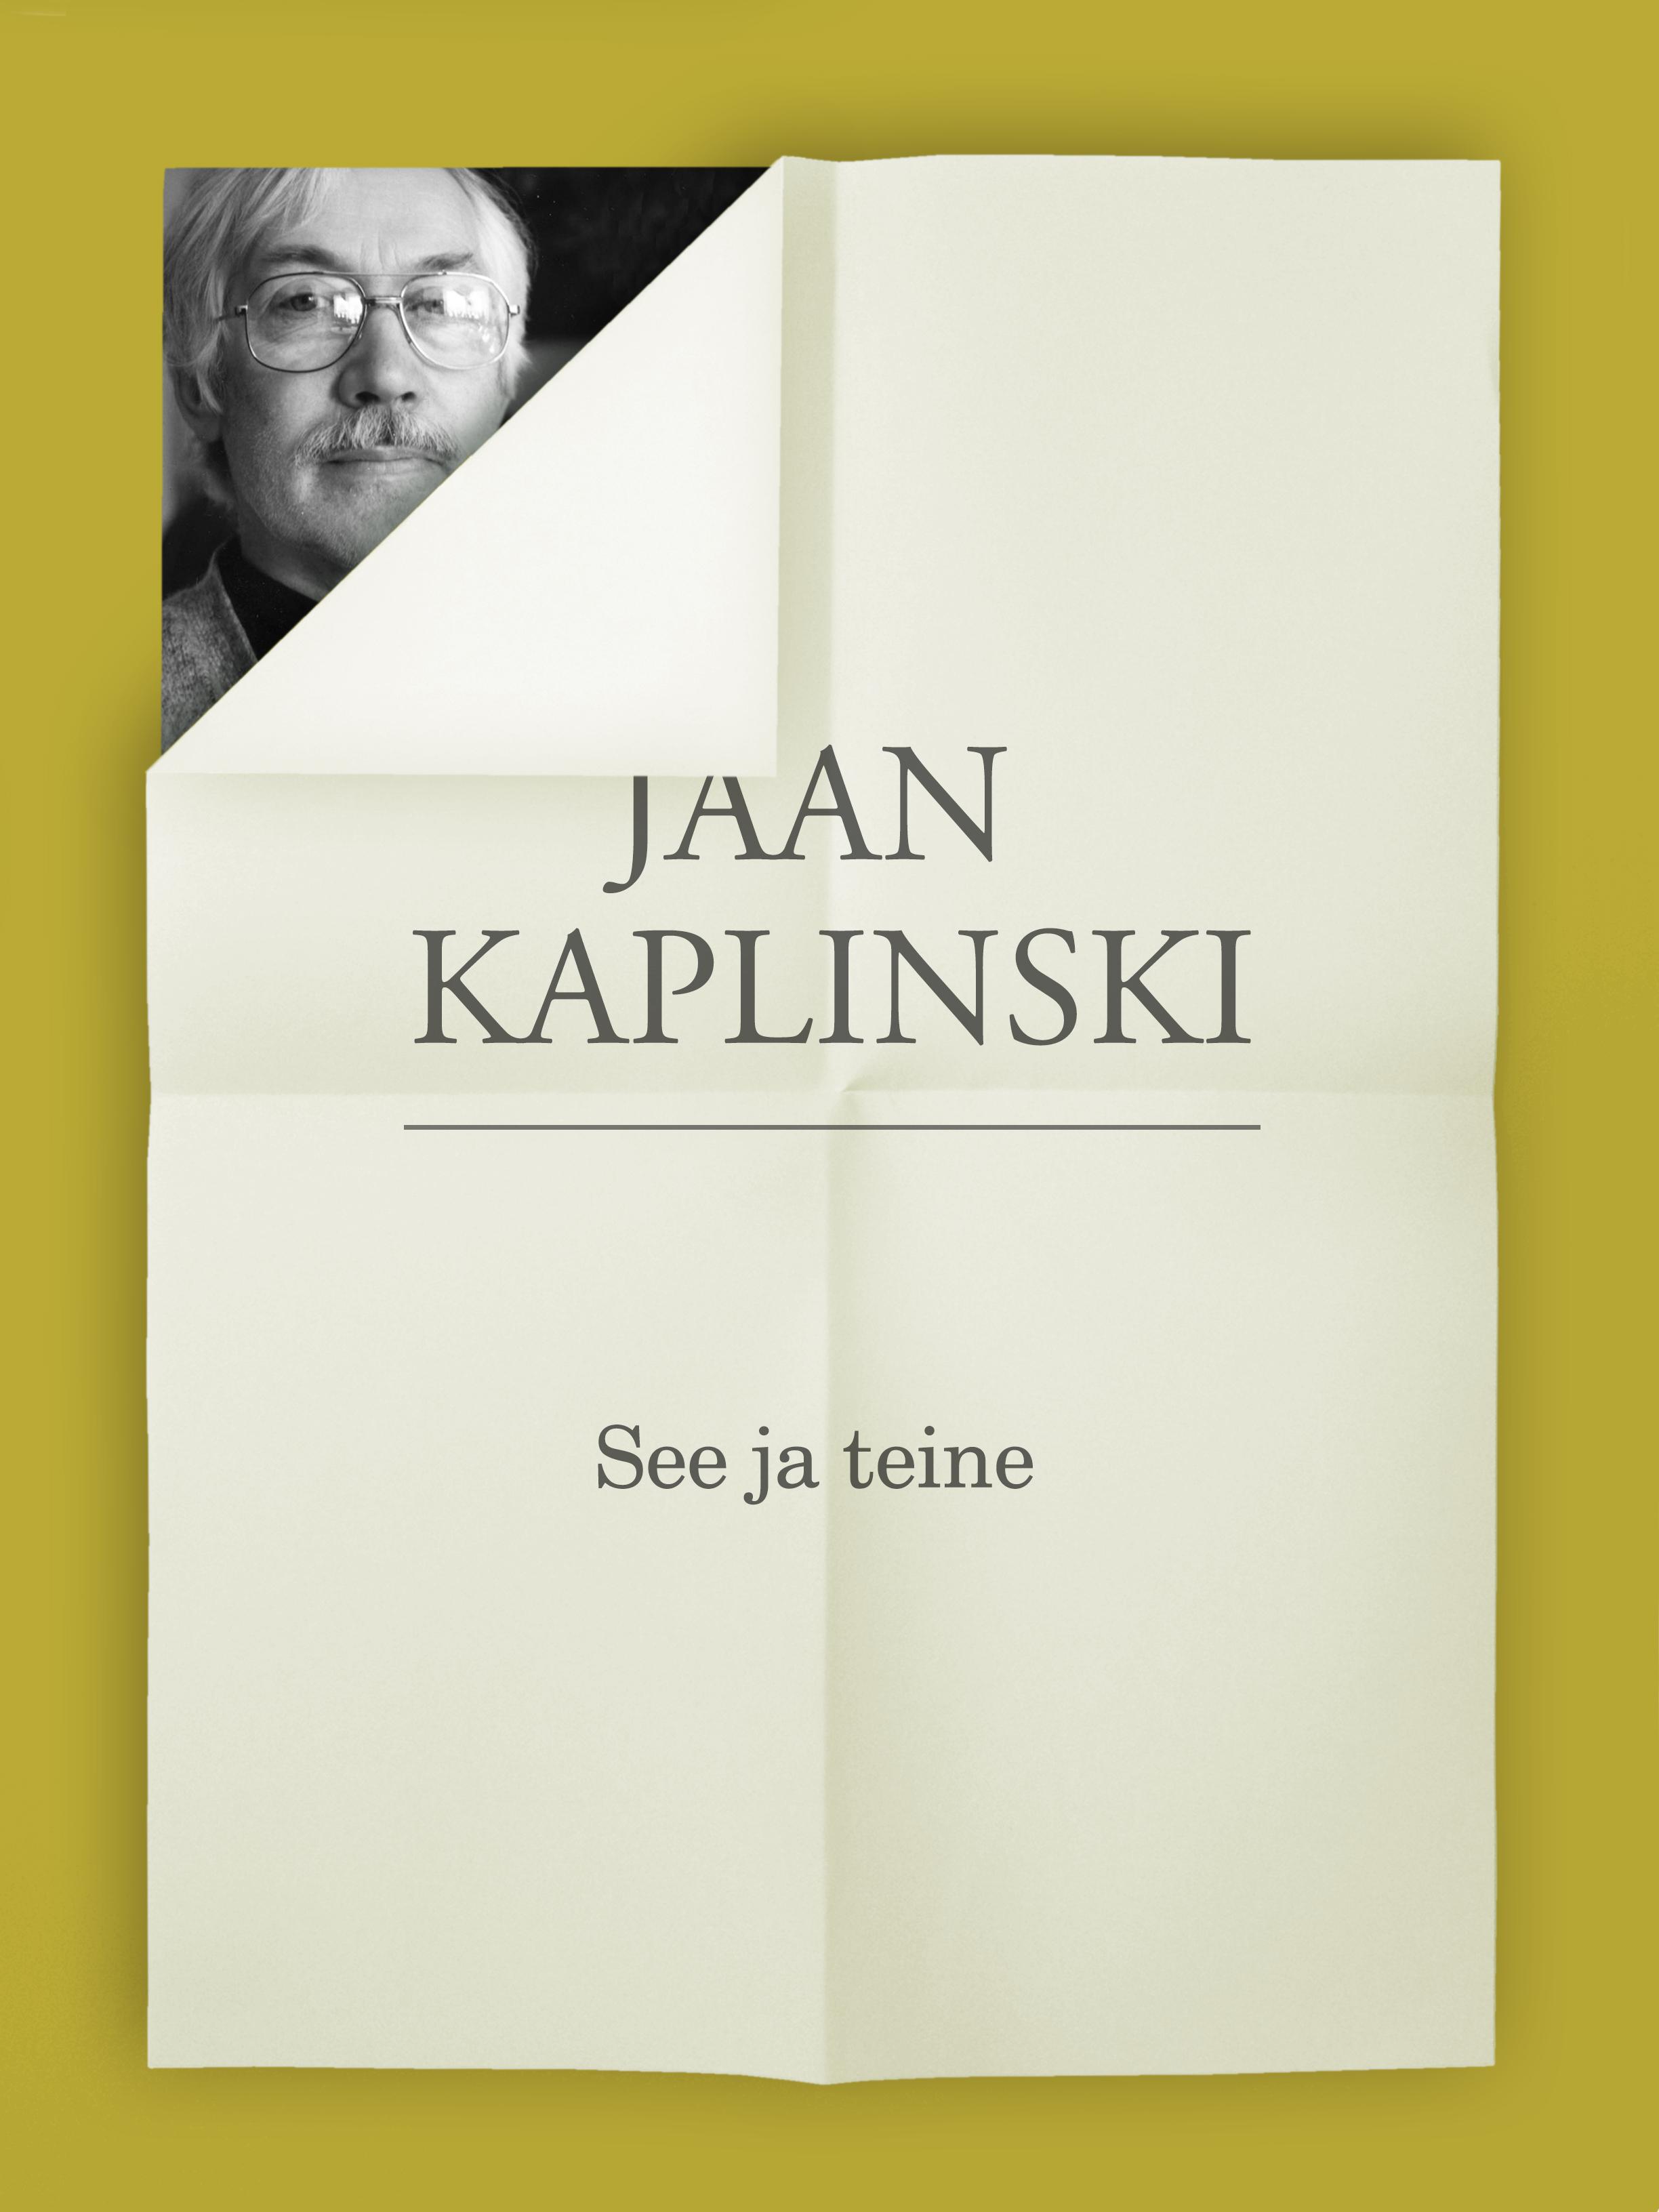 Jaan Kaplinski See ja teine